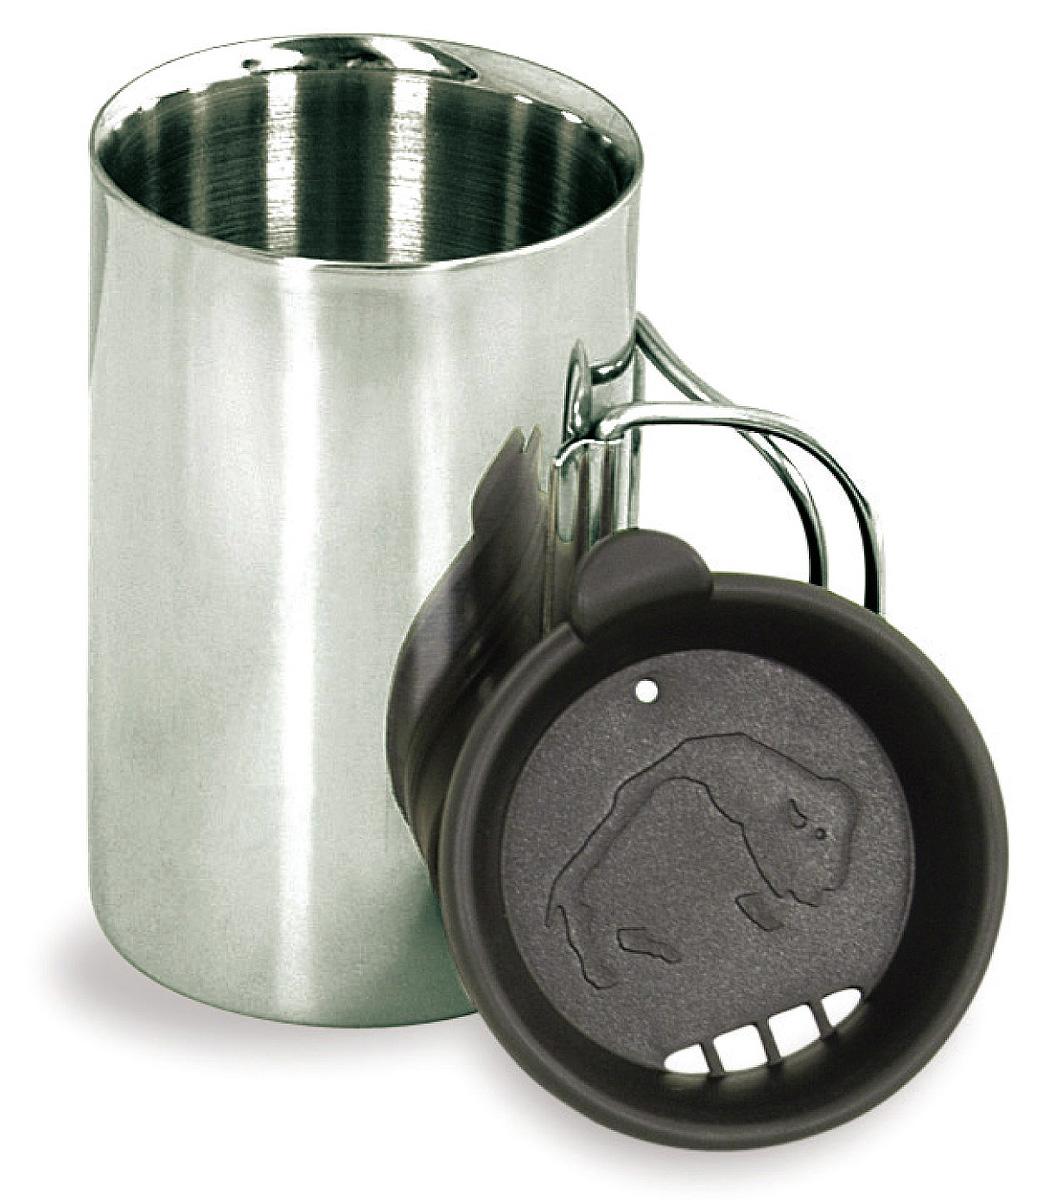 Термокружка с крышкой Tatonka Thermo, 0,35 лК1000Термокружка Tatonka Thermo из нержавеющей стали со складными ручками и крышкой. Удобна в транспортировке. Кружка остается комфортной и прохладной снаружи, даже когда внутри кипяток. Крышка имеет специальные отверстия для питья. Это позволяет пить любимые напитки, не вынимая крышку, и напиток дольше не остывает. Внутри расположена мерная шкала.Высота кружки: 11,5 см.Диаметр кружки без учета ручки: 7,5 см.